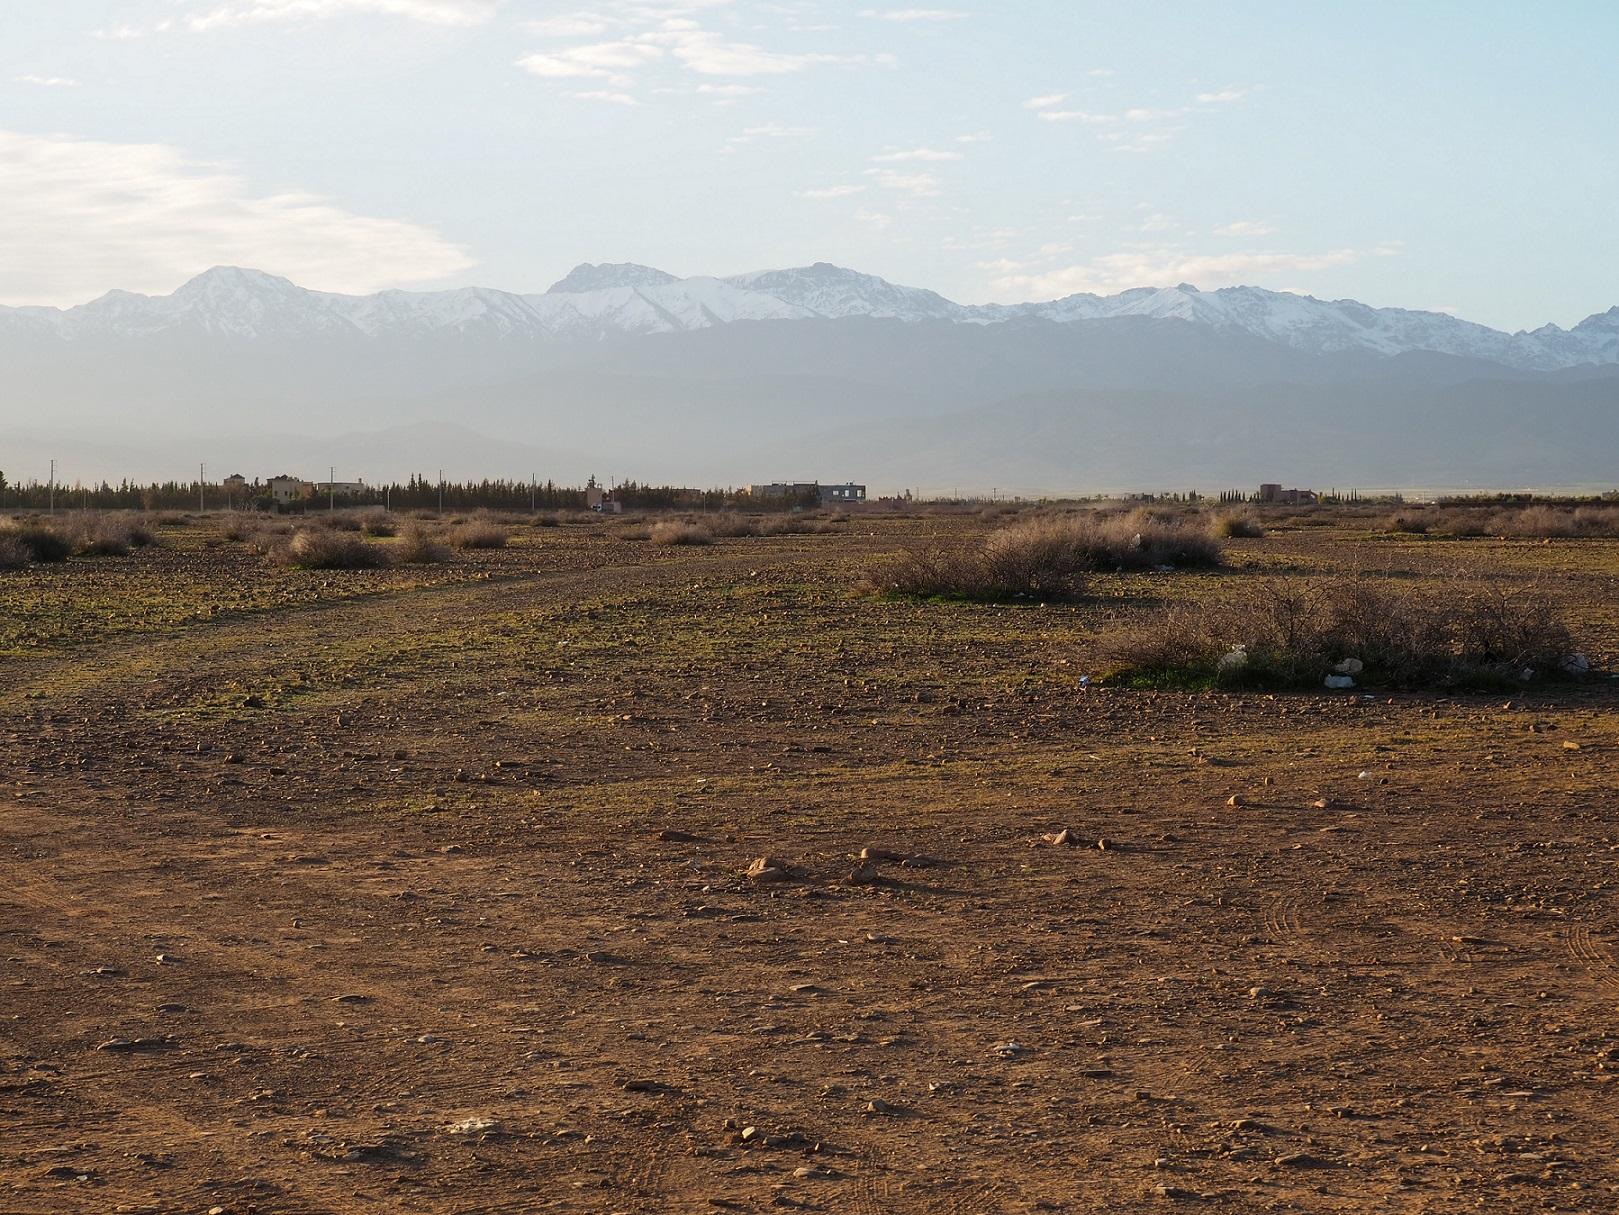 Vue sur le Haut-Atlas non loin de Marrakech